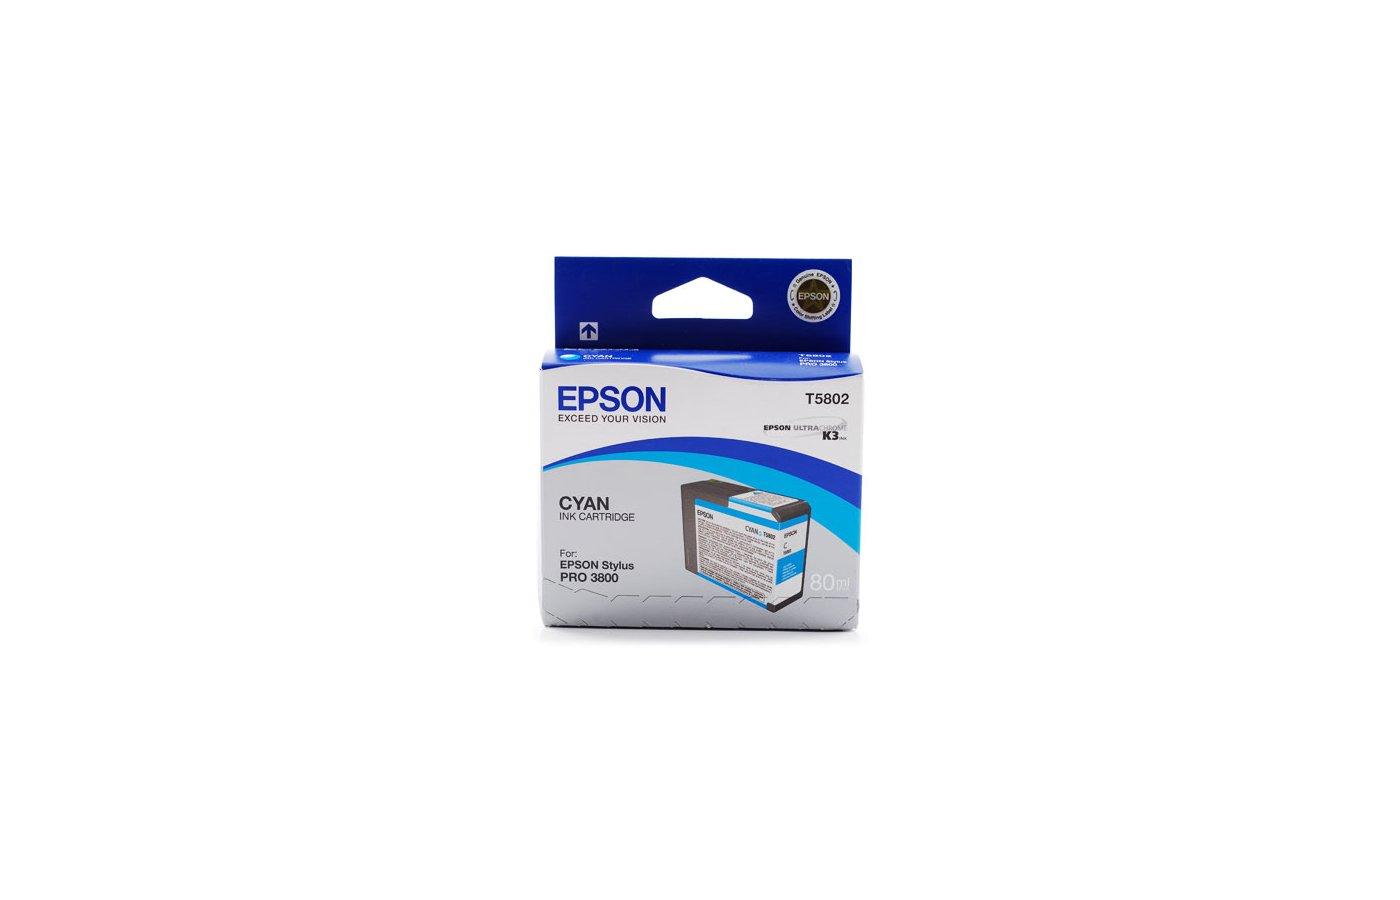 Картридж струйный Epson C13T580200 картридж (Cyan для Stylus PRO 3800 (голубой))